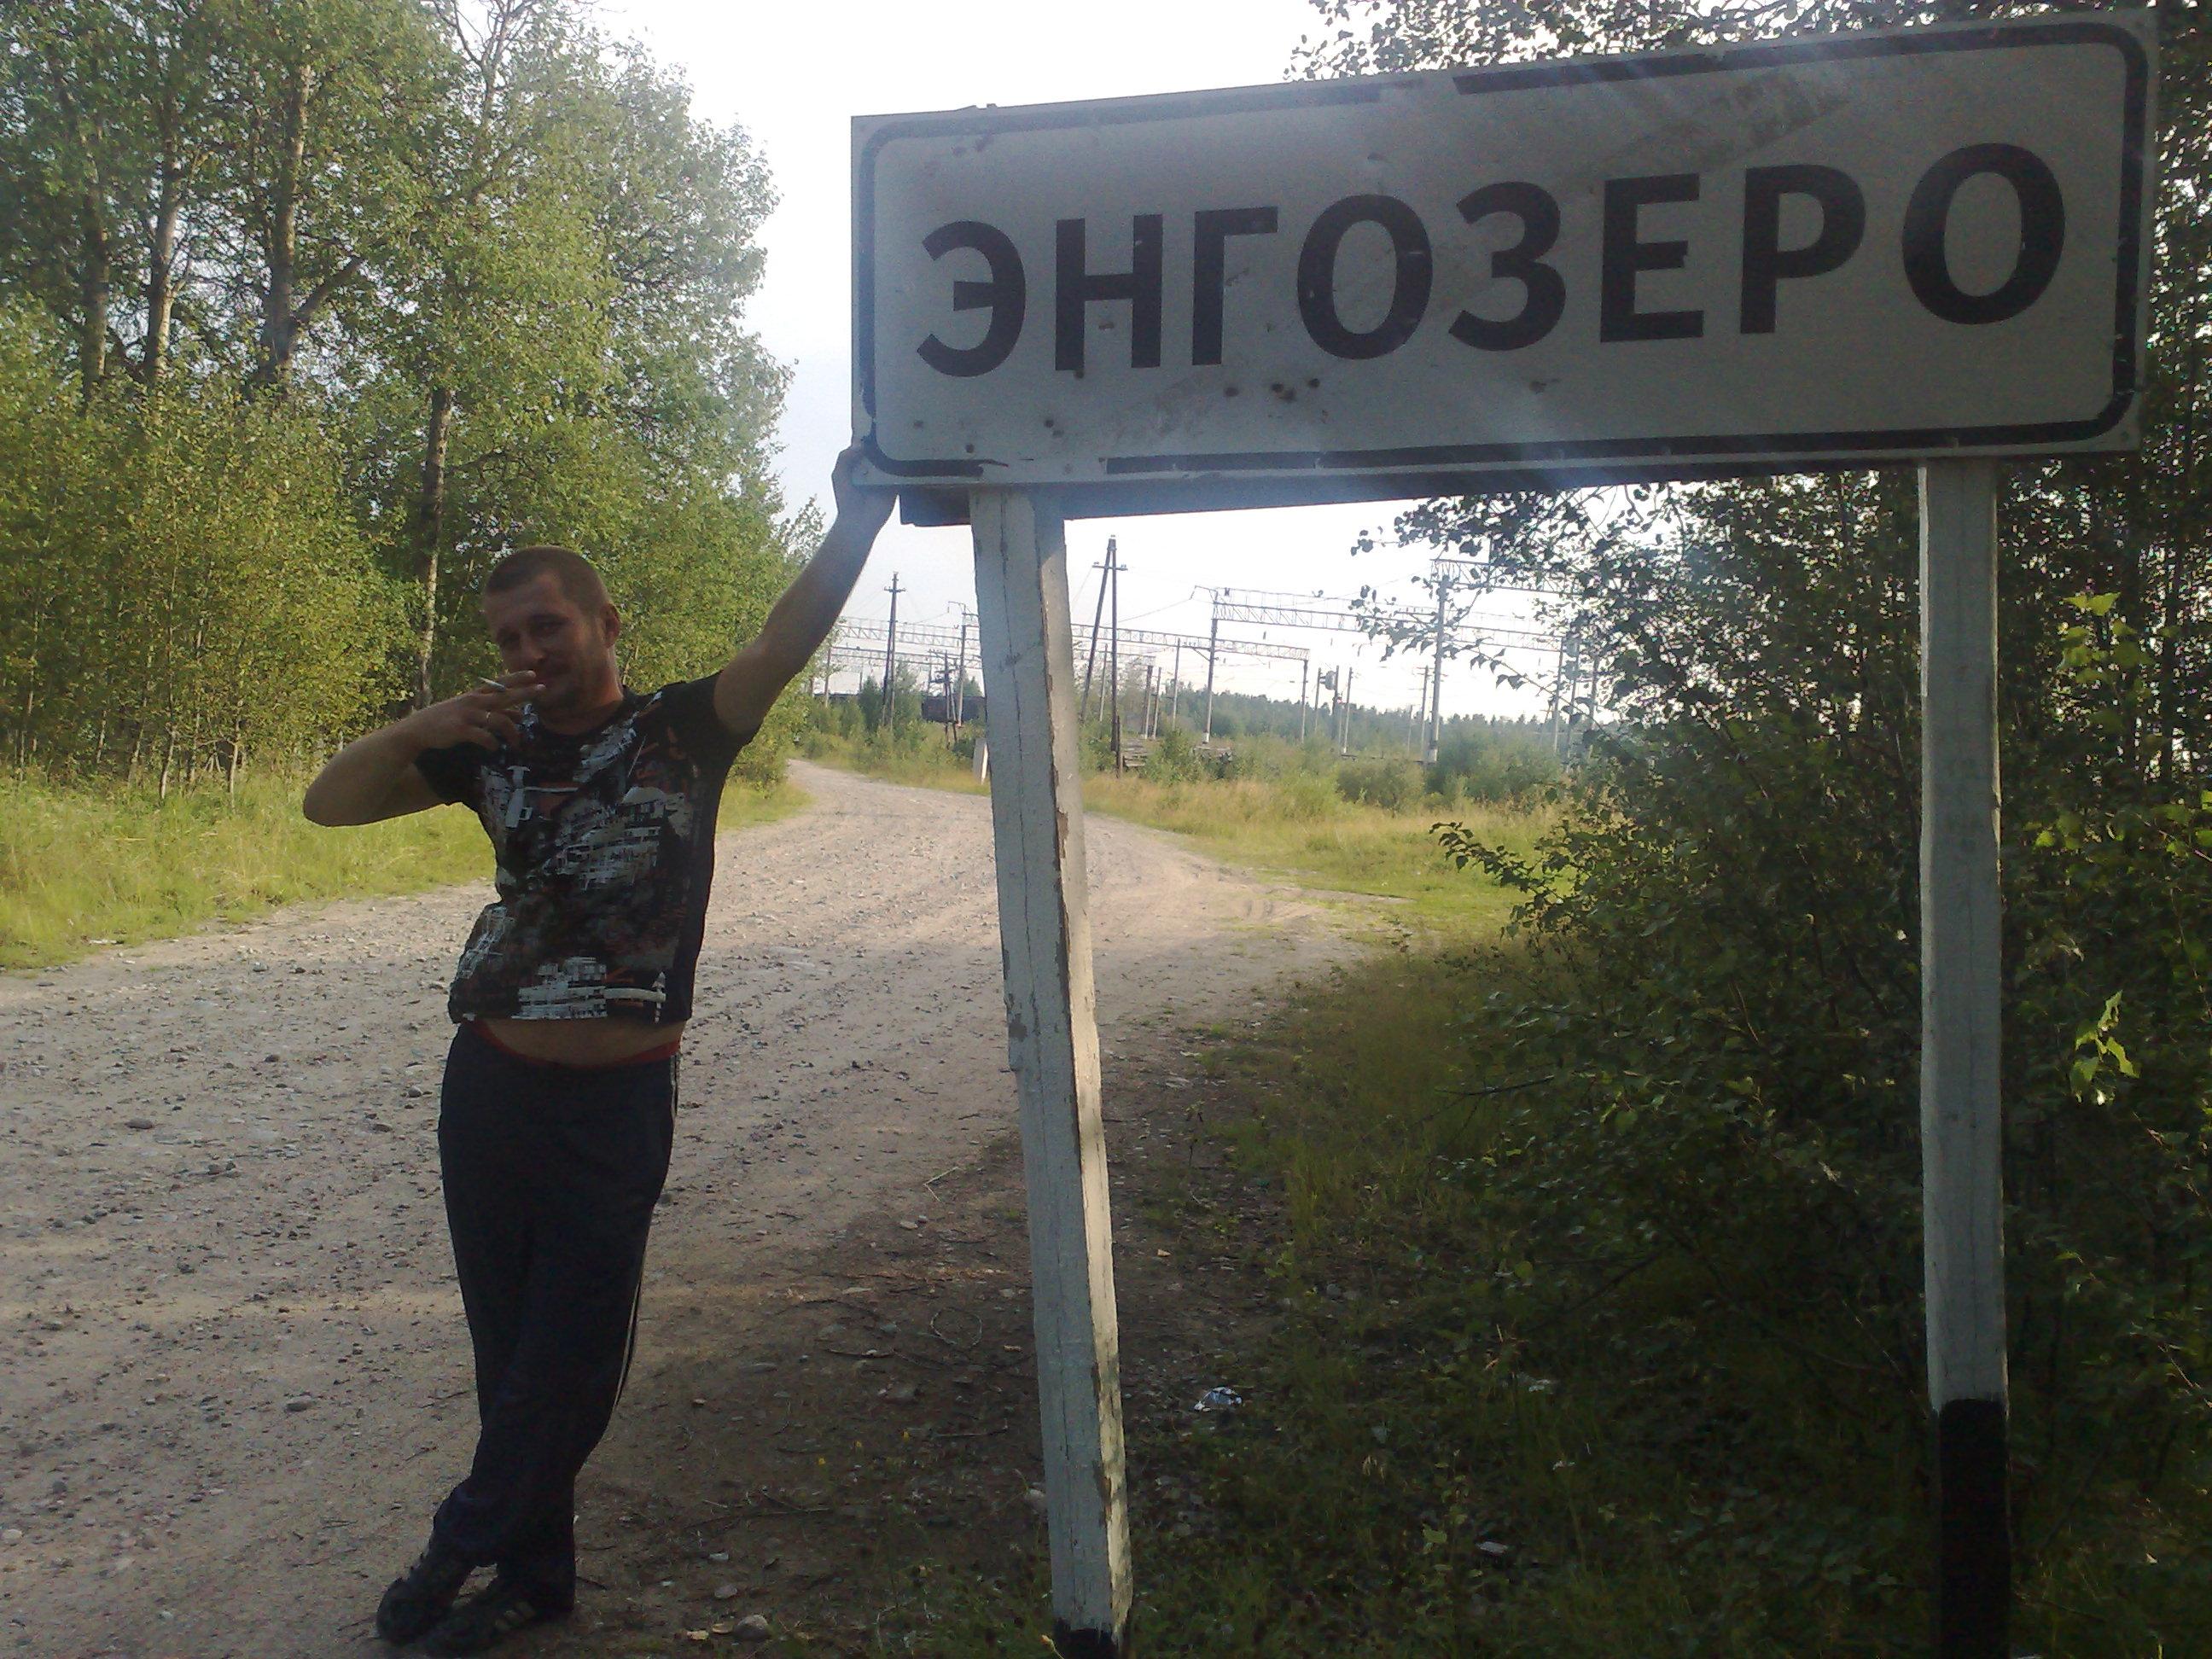 добро пожаловать в поселок Энгозеро